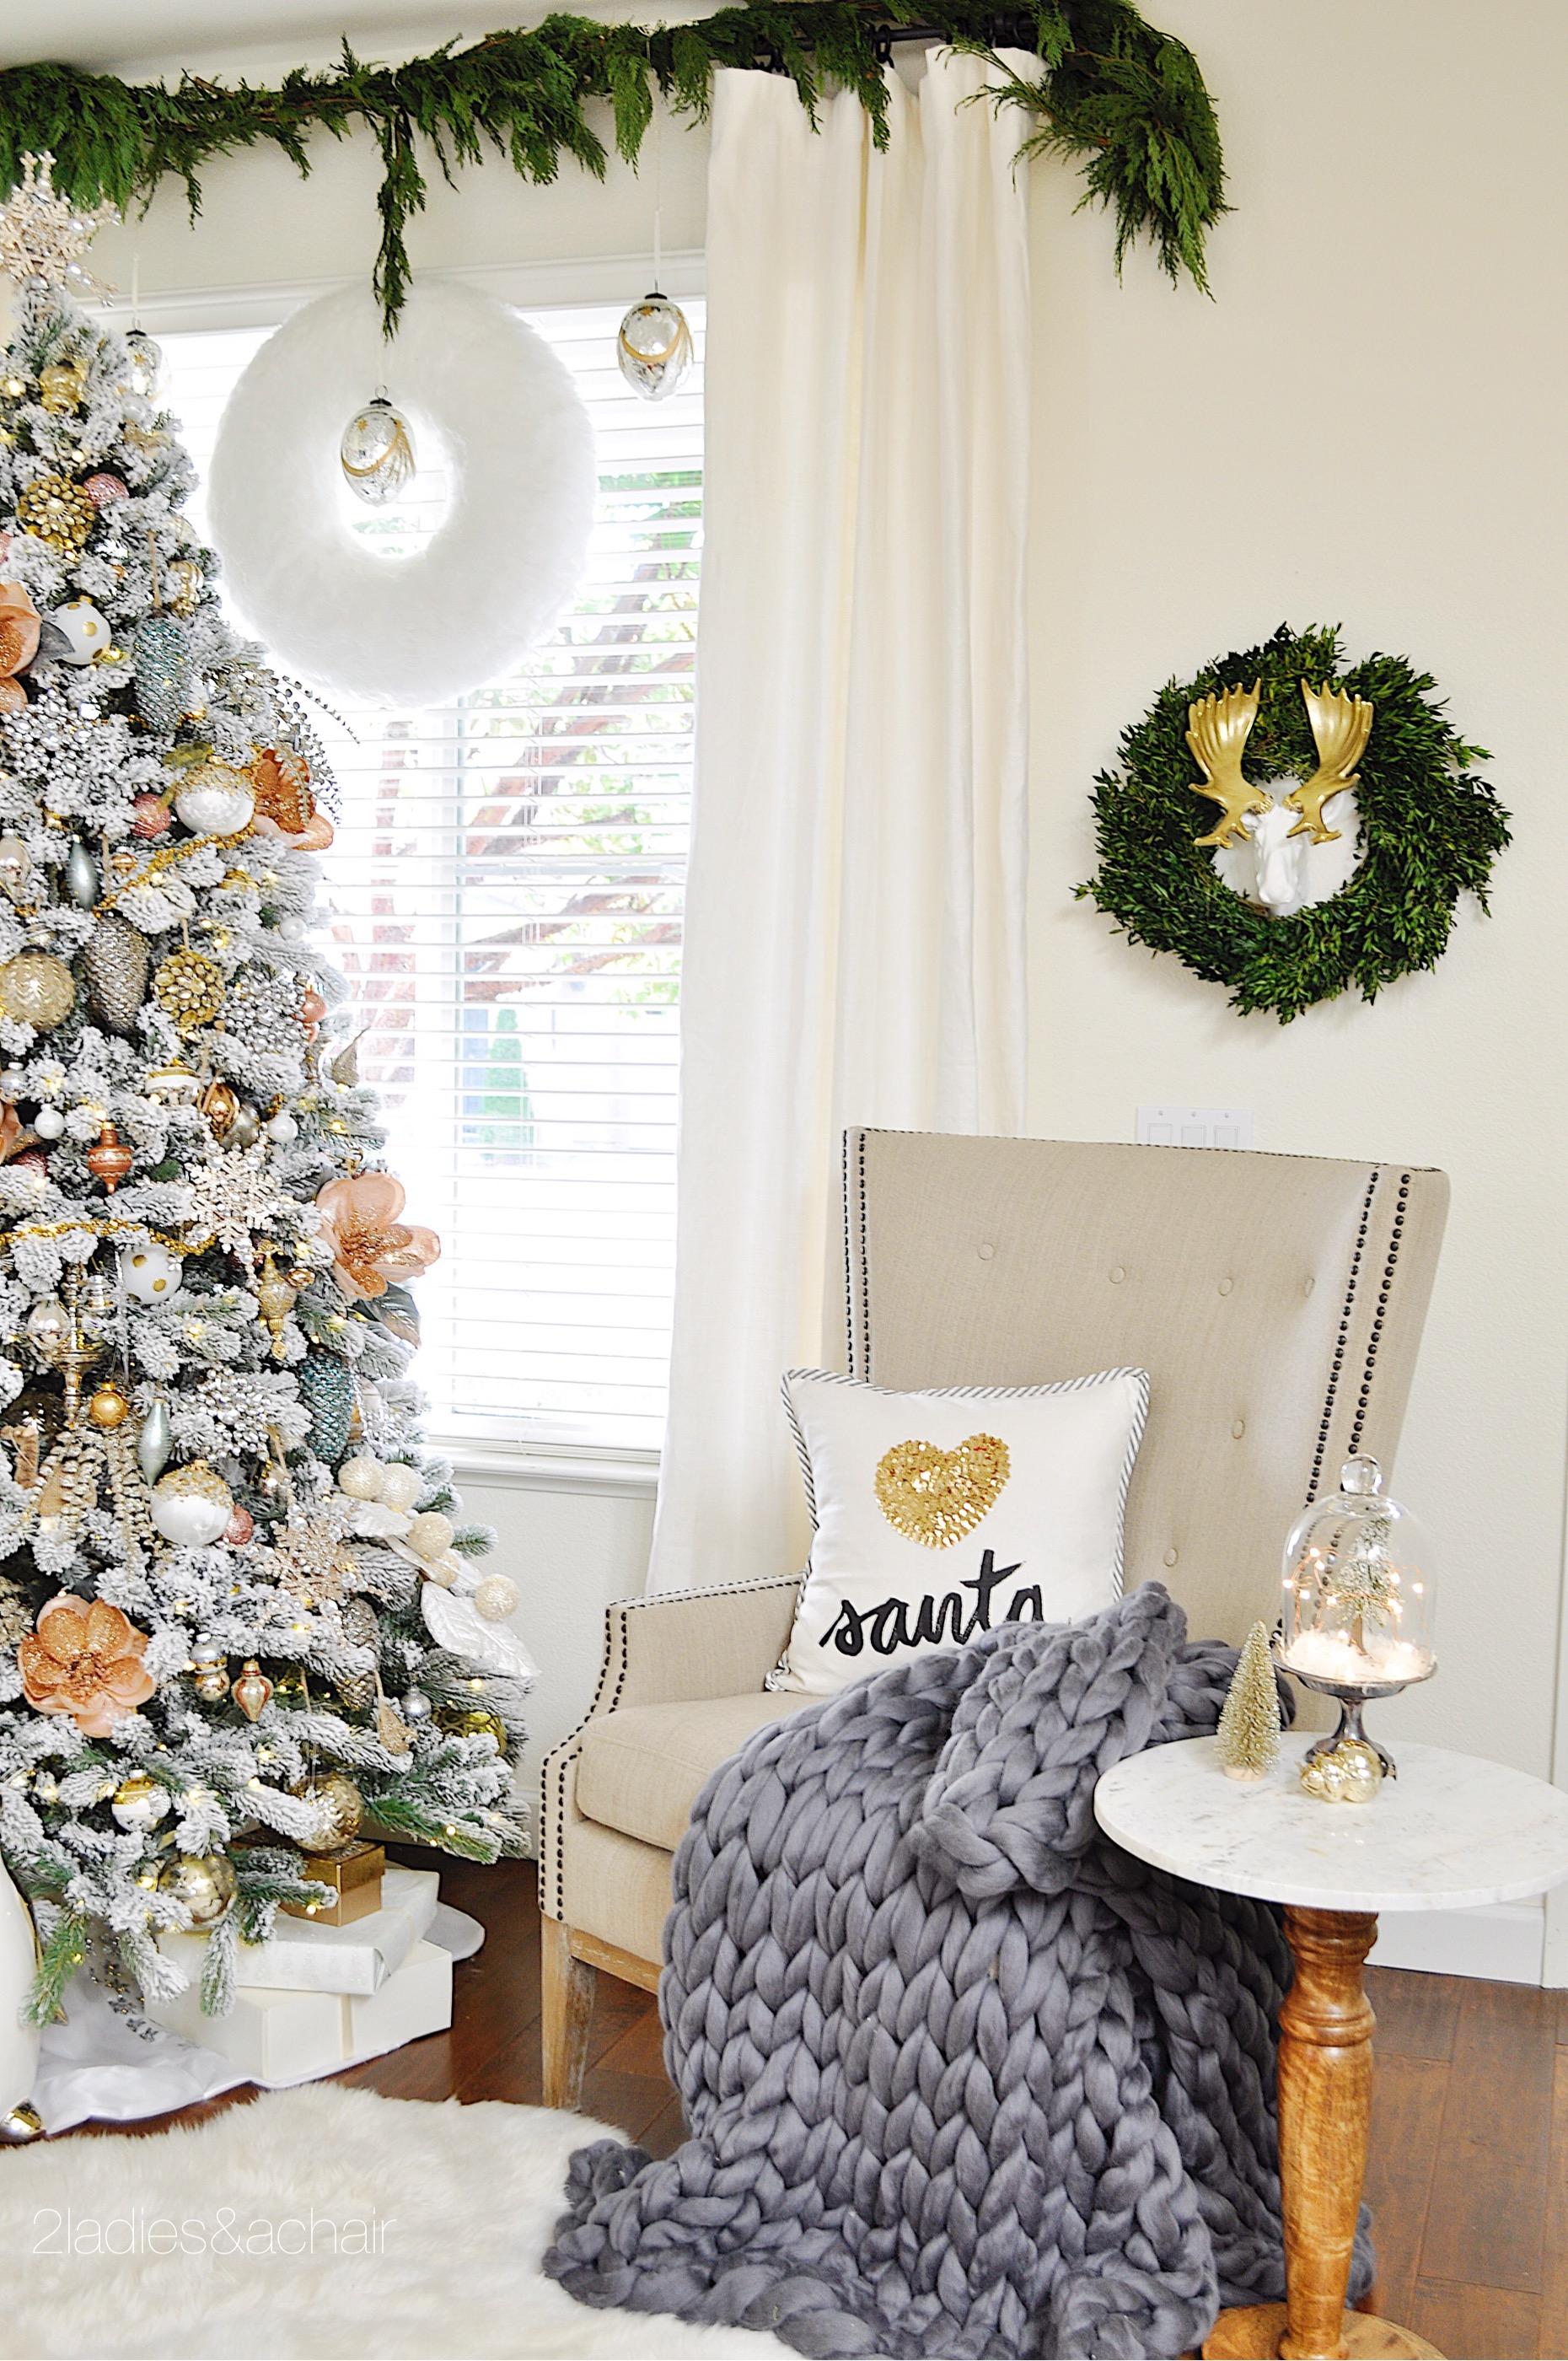 christmas home decorating IMG_8588.JPG